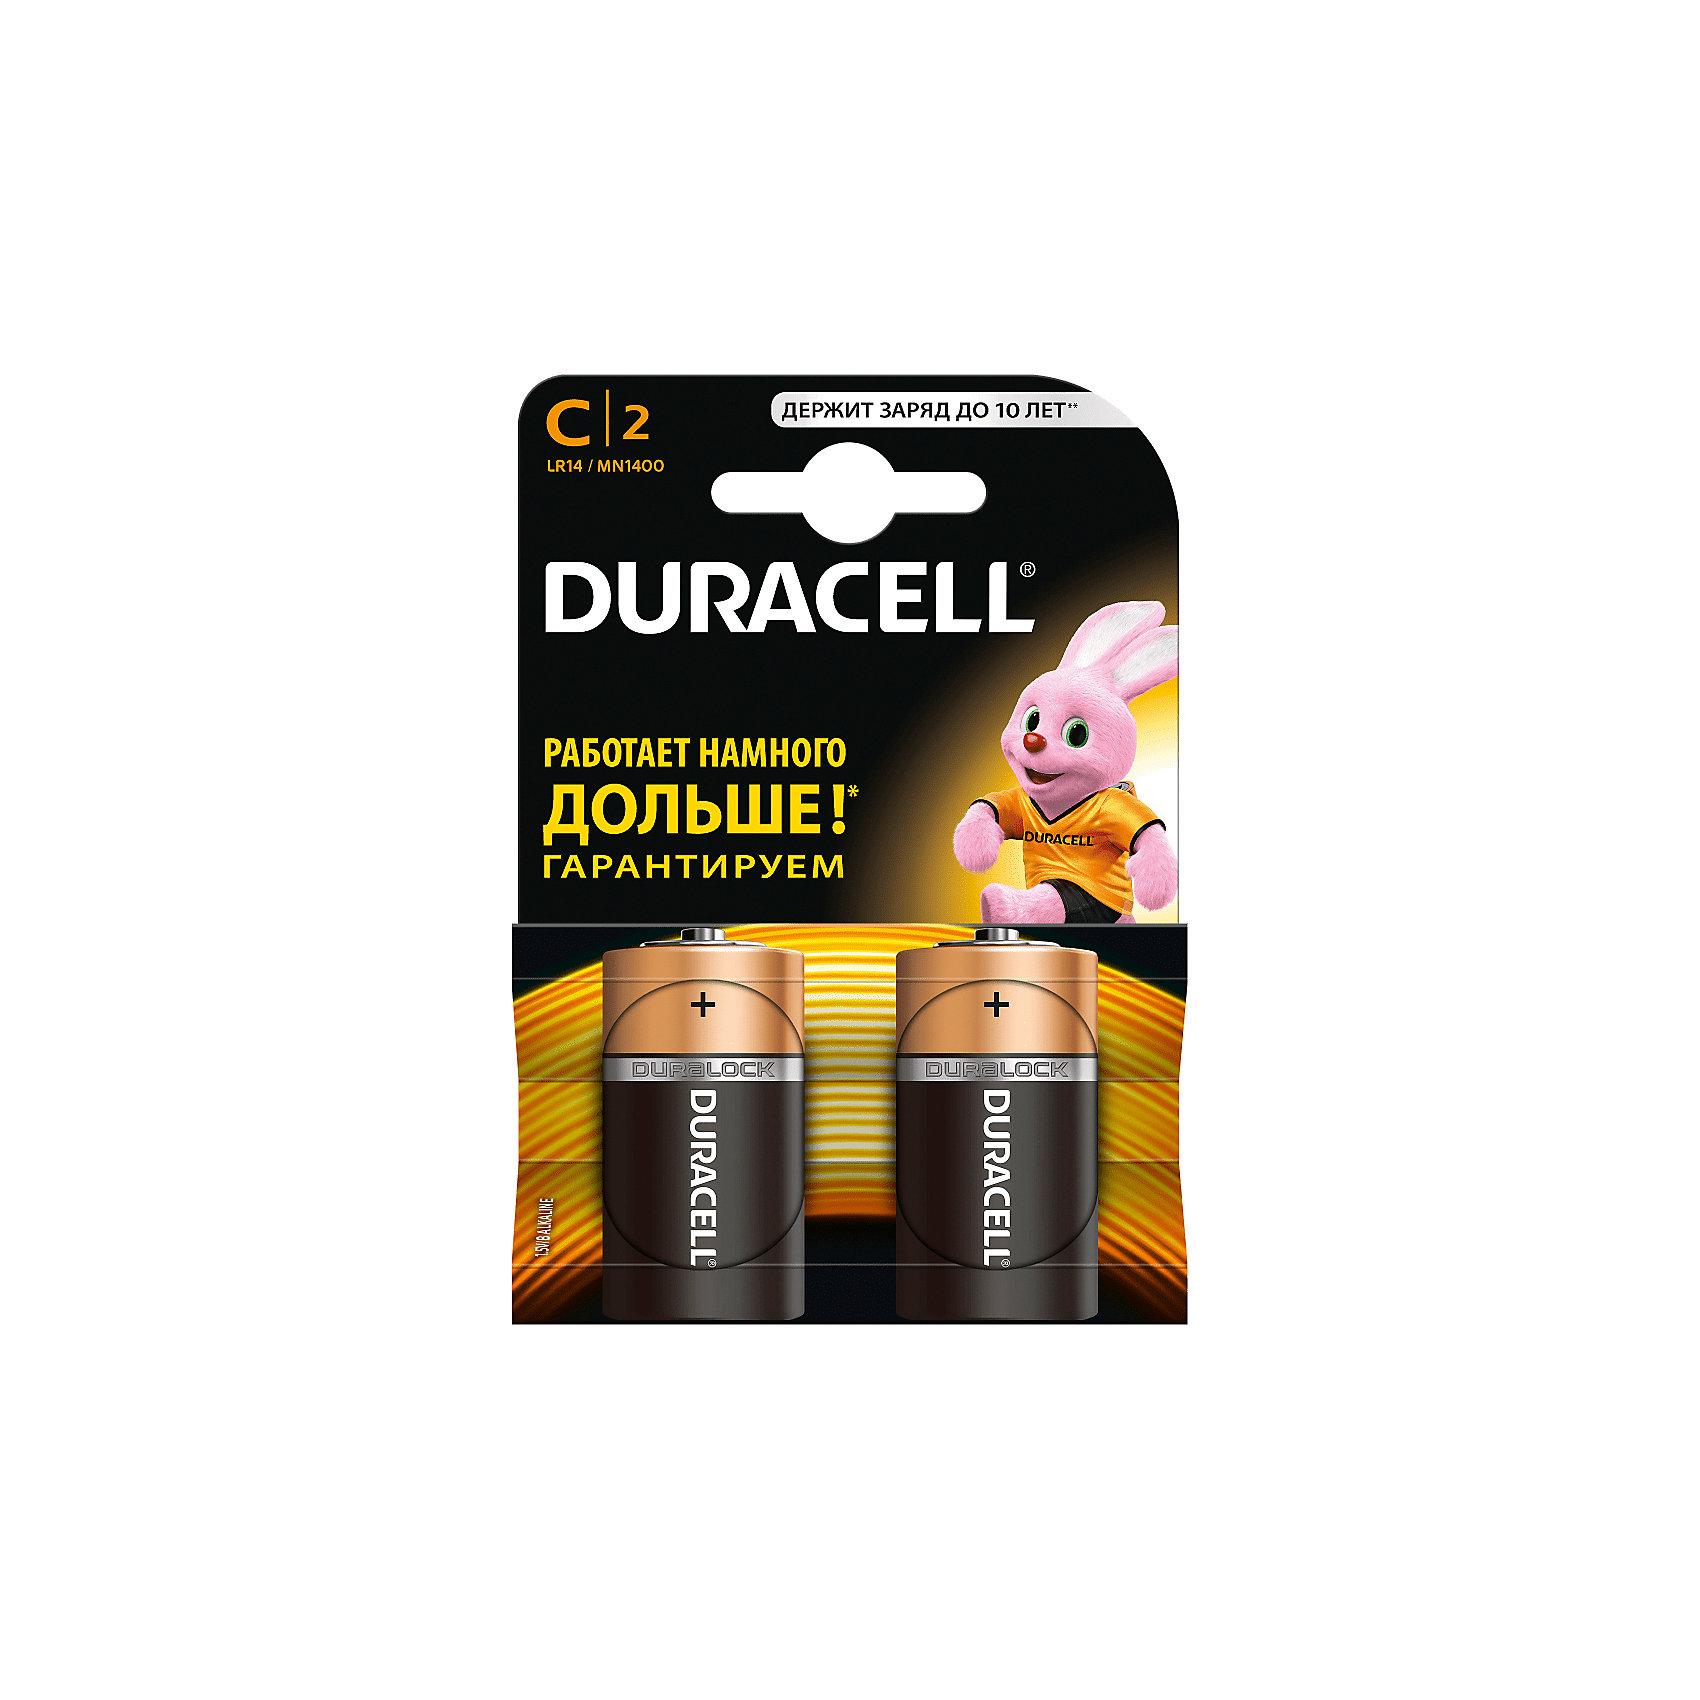 Батарейки алкалиновые Basic 1.5V LR14, тип AA, 2шт., DURACELLХарактеристики:<br><br>• Тип электролита: алкалиновые<br>• Тип по питанию: АА <br>• Комплектация: 2 батарейки<br>• Вес в упаковке: 100 г<br>• Размеры упаковки (Д*Ш*В): 17*2,6*2,6 см<br>• Упаковка: картонная коробка с европодвесом <br><br>Батарейки алкалиновые Basic 1.5V LR14, тип AA, 2 шт., DURACELL от всемирно известного торгового бренда DURACELL, который является создателем первой щелочной батарейки. Щелочные батарейки отличаются более длительным сроком службы, повышенной герметичностью, благодаря чему батарейки от  DURACELL не протекают. <br><br>Элементы питания хорошо переносят низкие температуры, сохраняя при этом свои свойства и качества. В наборе предусмотрены две батарейки. Батарейки алкалиновые Basic 1.5V LR14, тип AA, 2 шт., DURACELL – это длительный срок службы и бесперебойность в работе портативных электронных устройств!<br><br>Батарейки алкалиновые Basic 1.5V LR14, тип AA, 2 шт., DURACELL можно купить в нашем интернет-магазине.<br><br>Ширина мм: 50<br>Глубина мм: 26<br>Высота мм: 26<br>Вес г: 100<br>Возраст от месяцев: 60<br>Возраст до месяцев: 1188<br>Пол: Унисекс<br>Возраст: Детский<br>SKU: 5514791